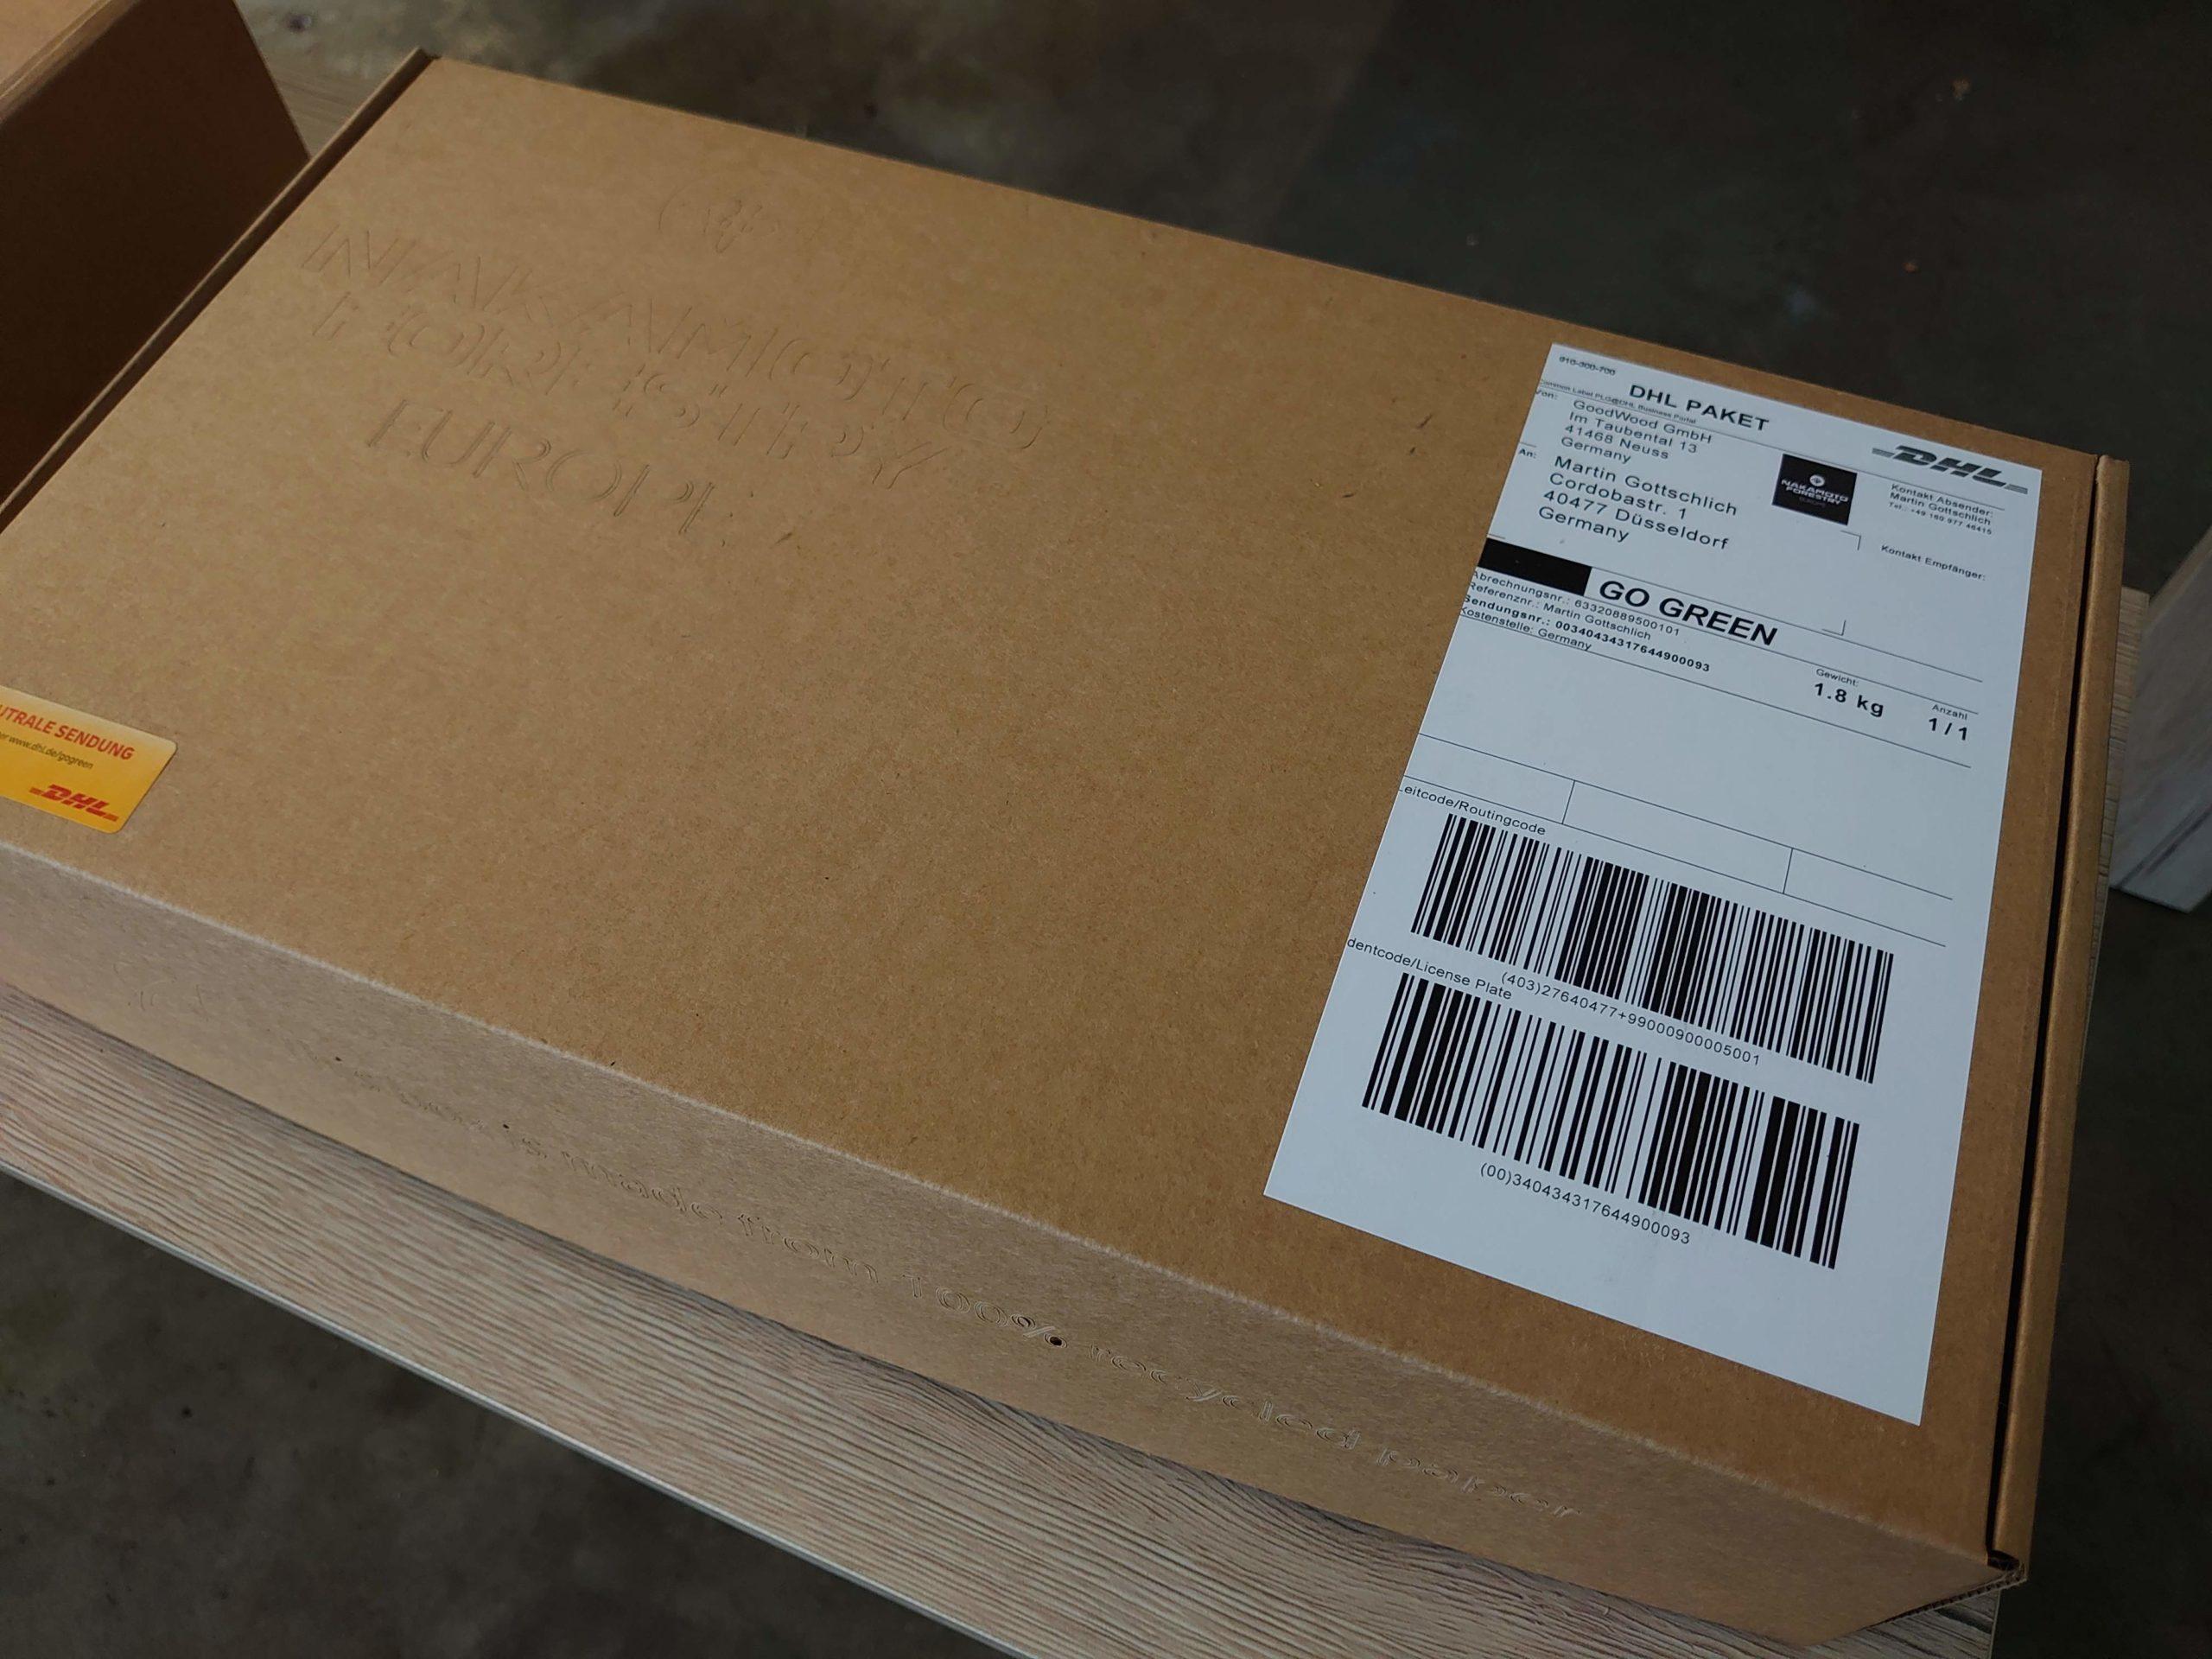 Sample Box outside